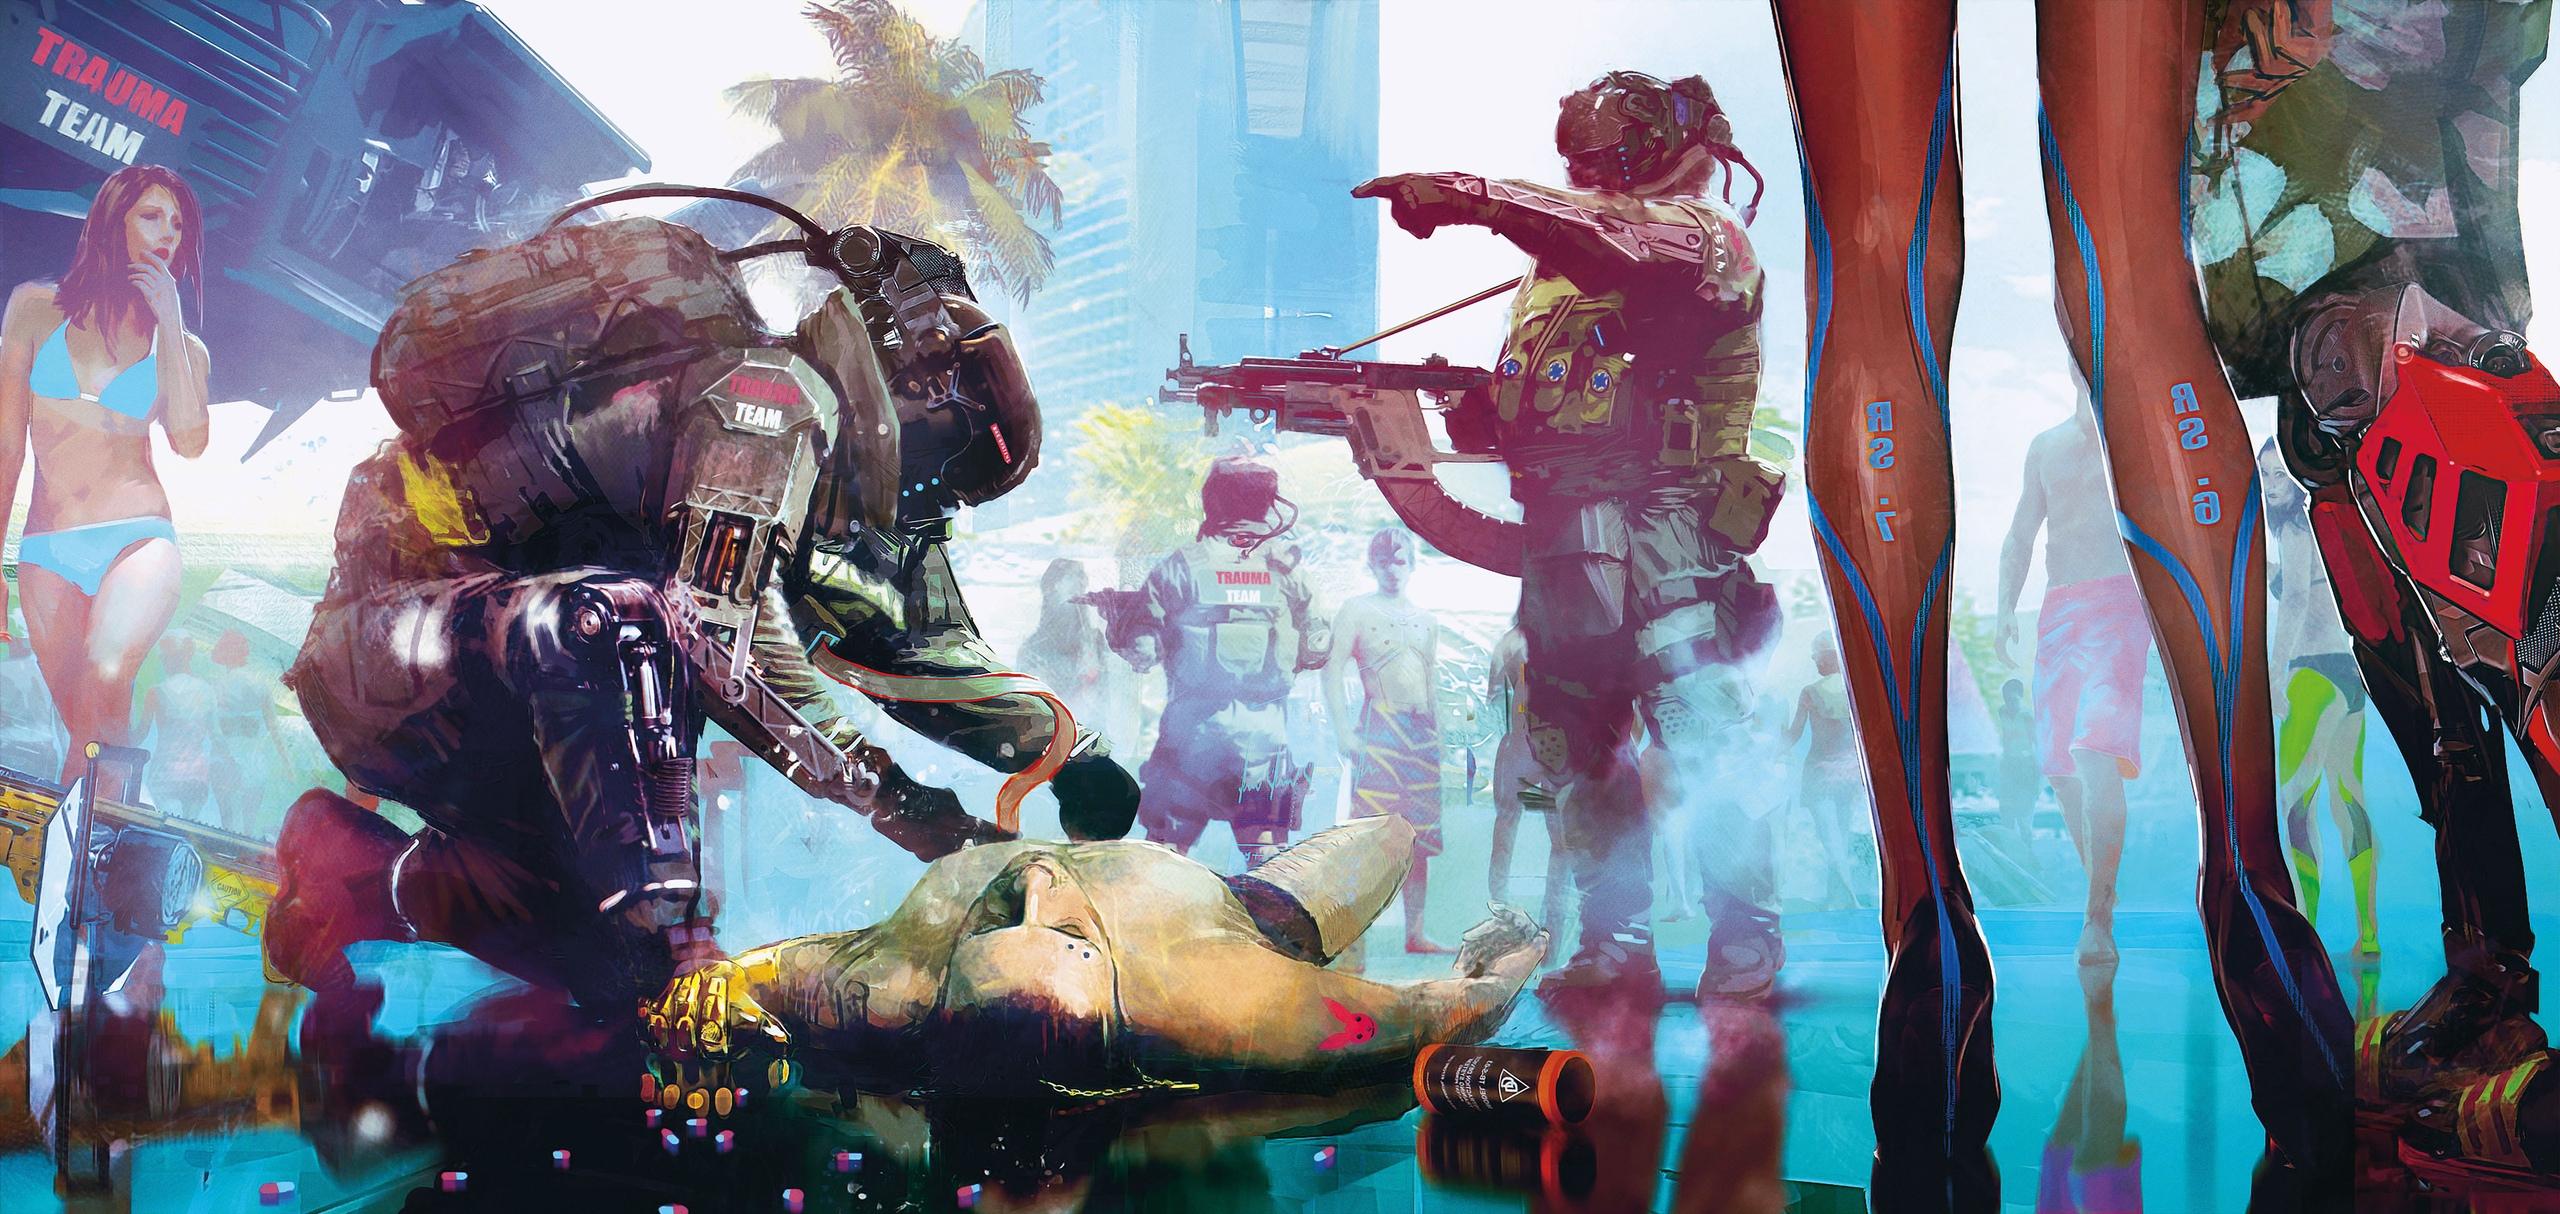 Концепт-арт Cyberpunk 2077 - Cyberpunk 2077 Арт